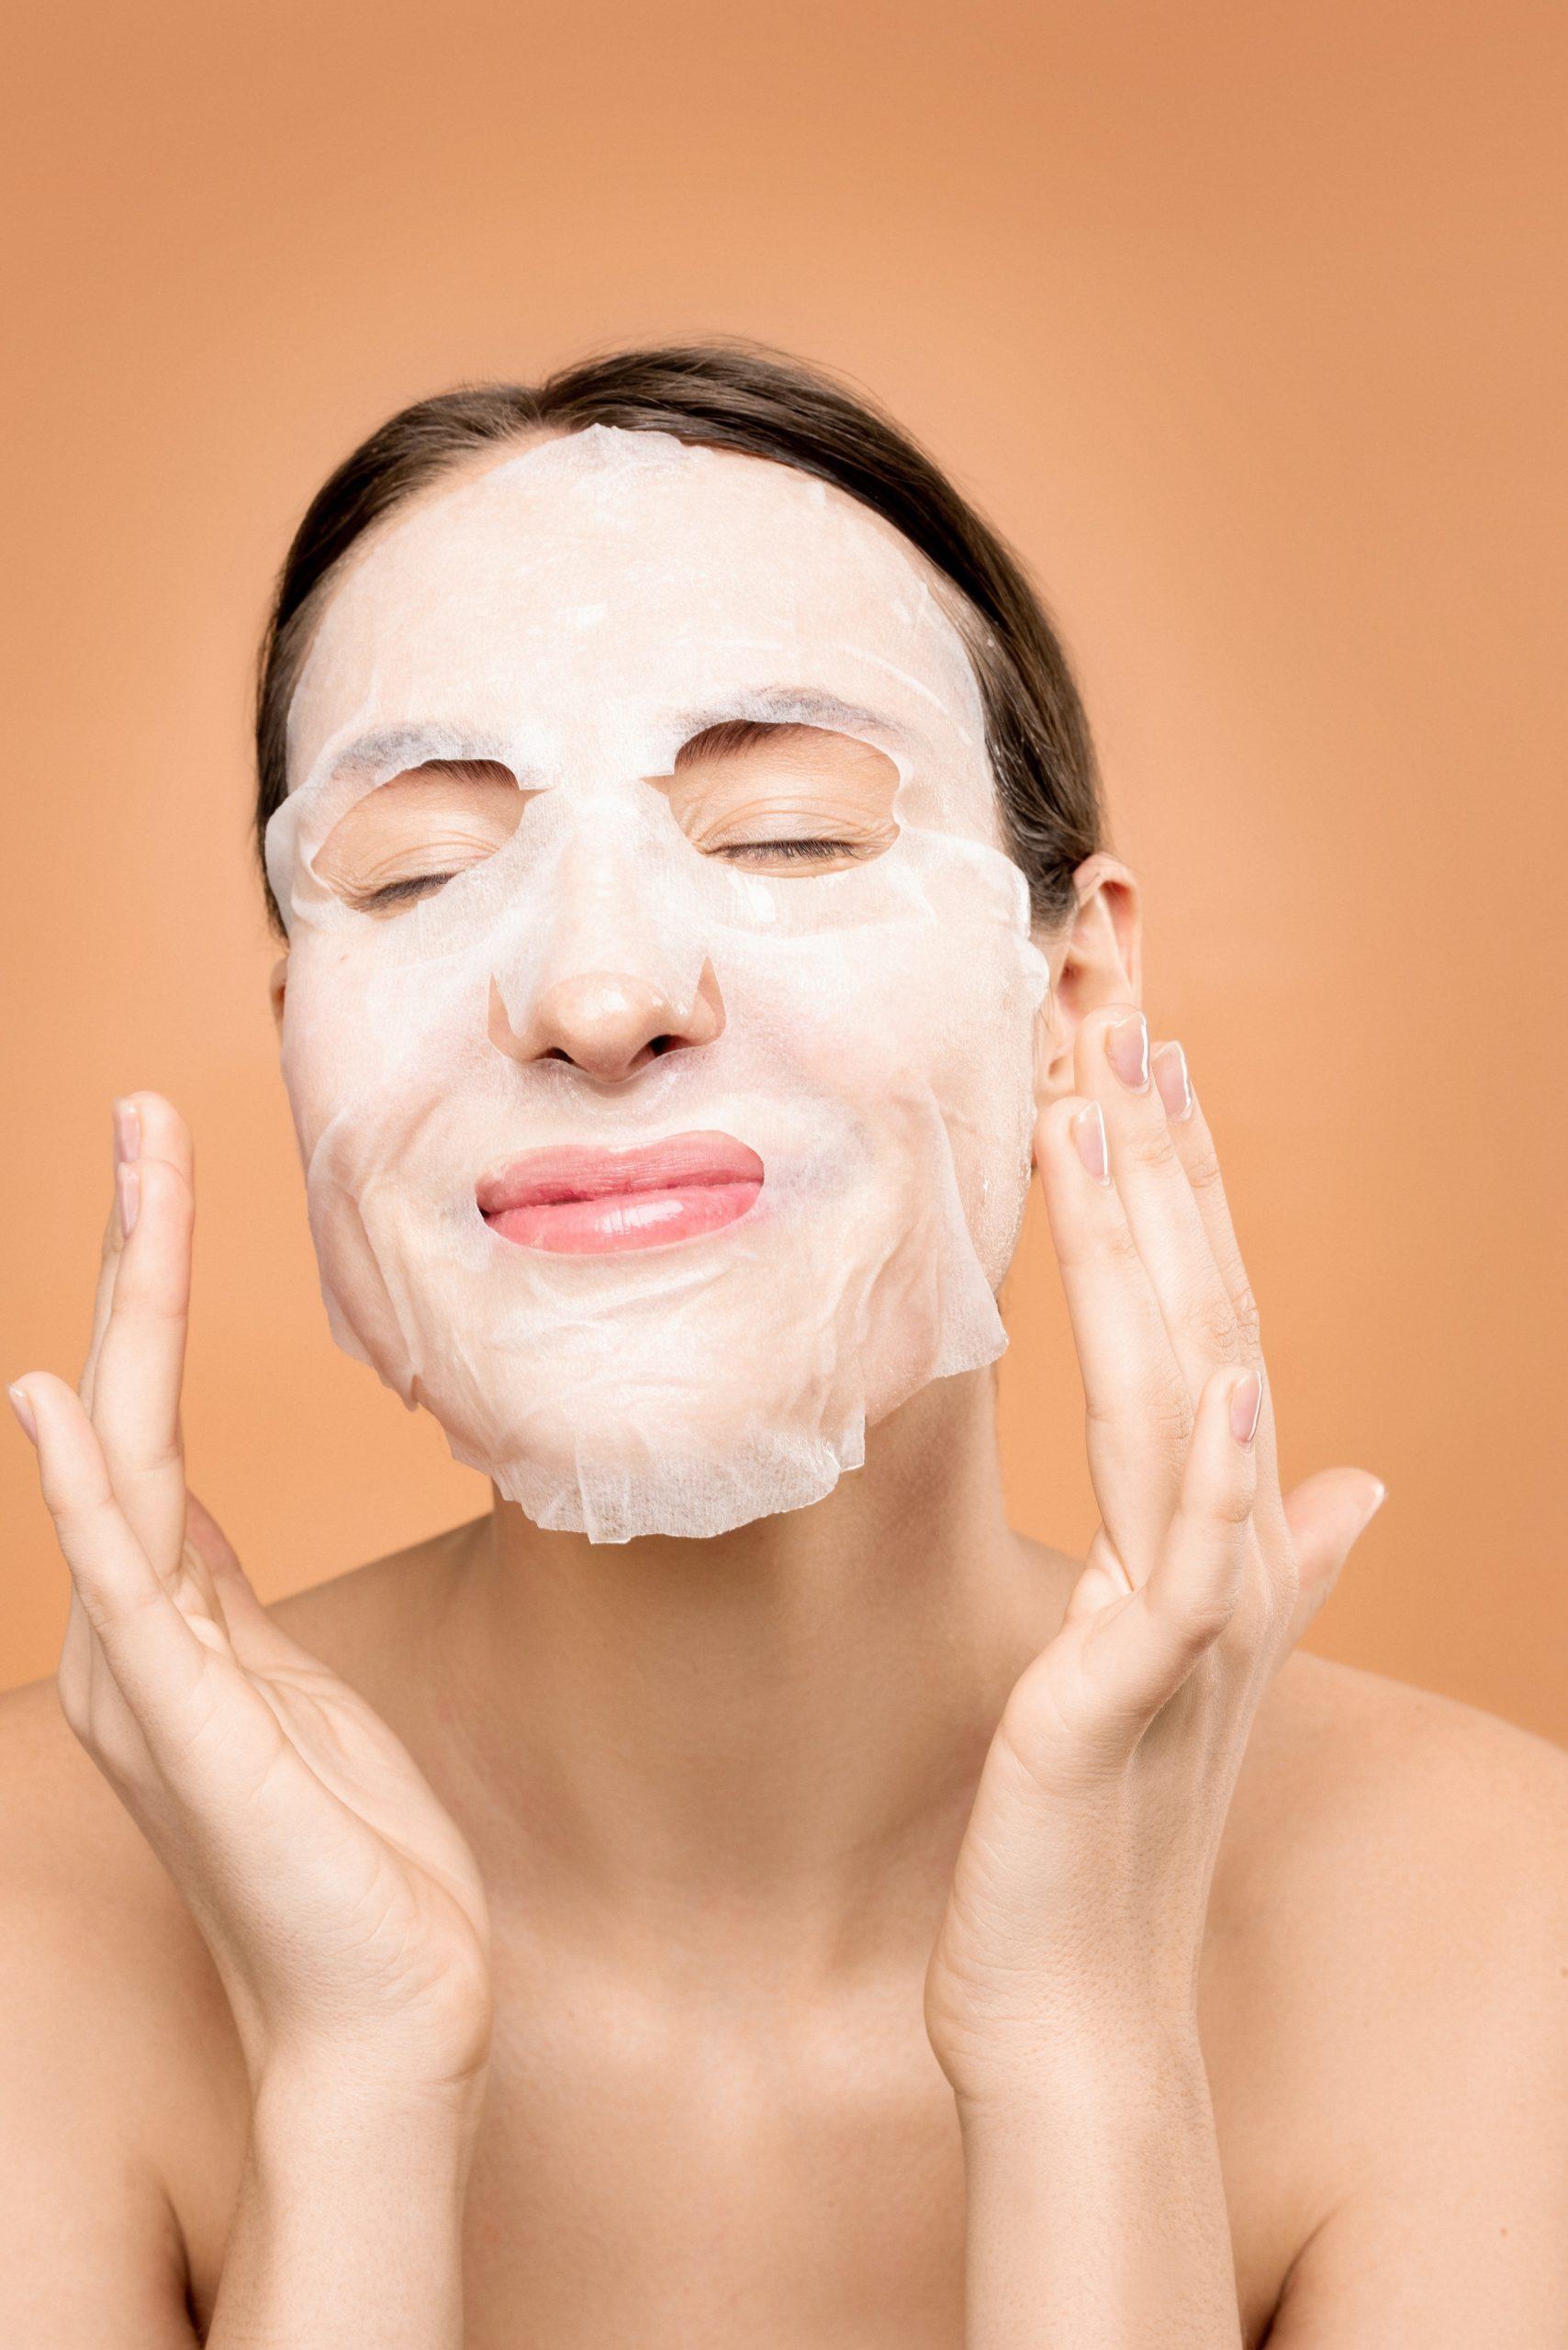 Gesichtsmasken sind ein wichtigen Teil des Wellness-Programms!